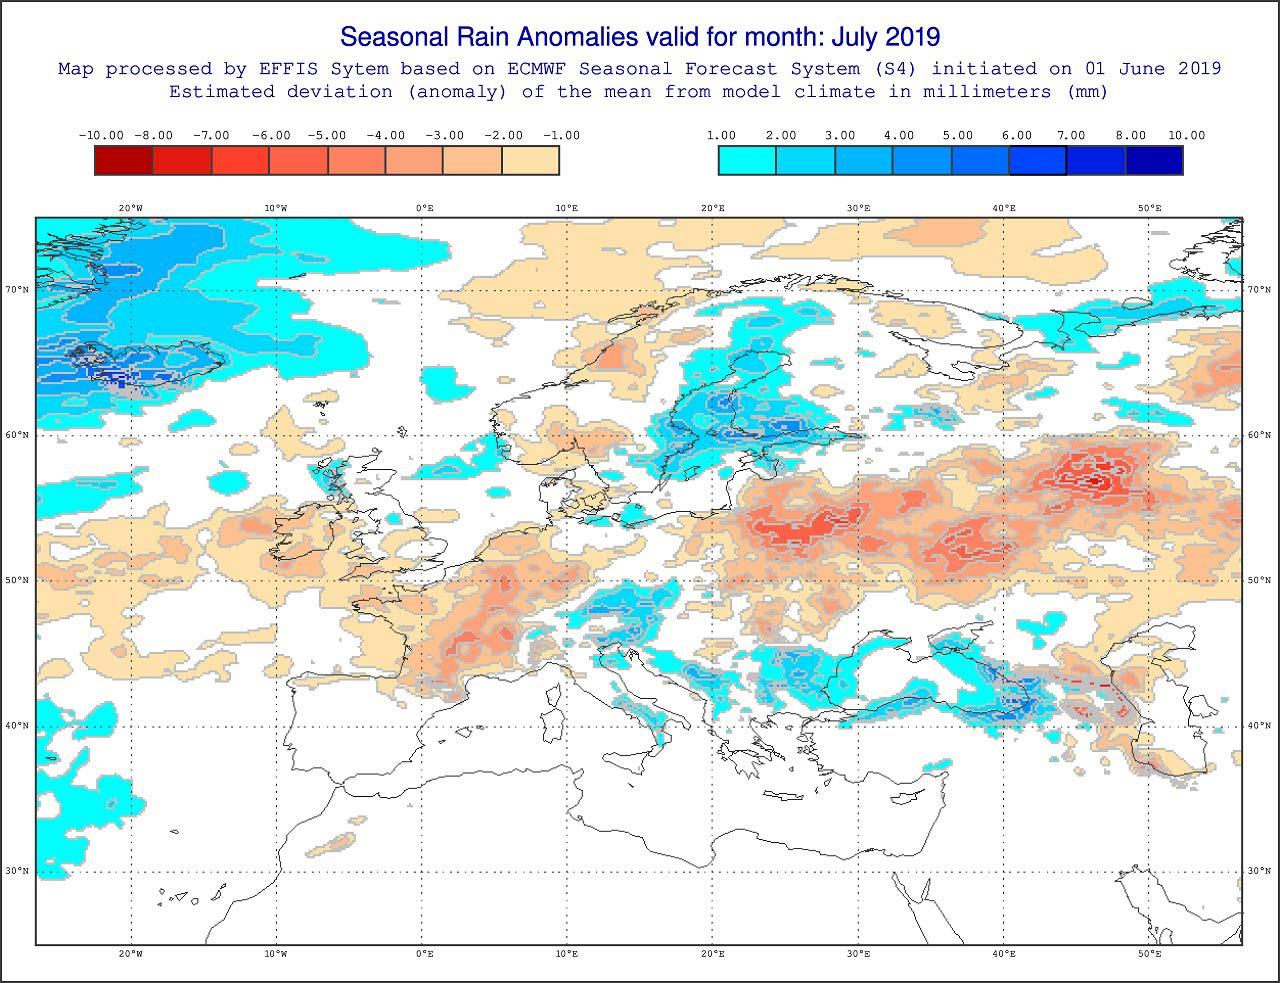 Anomalie di precipitazione previste dal modello europeo ECMWF per luglio 2019 -effis.jrc.ec.europa.eu.jpg